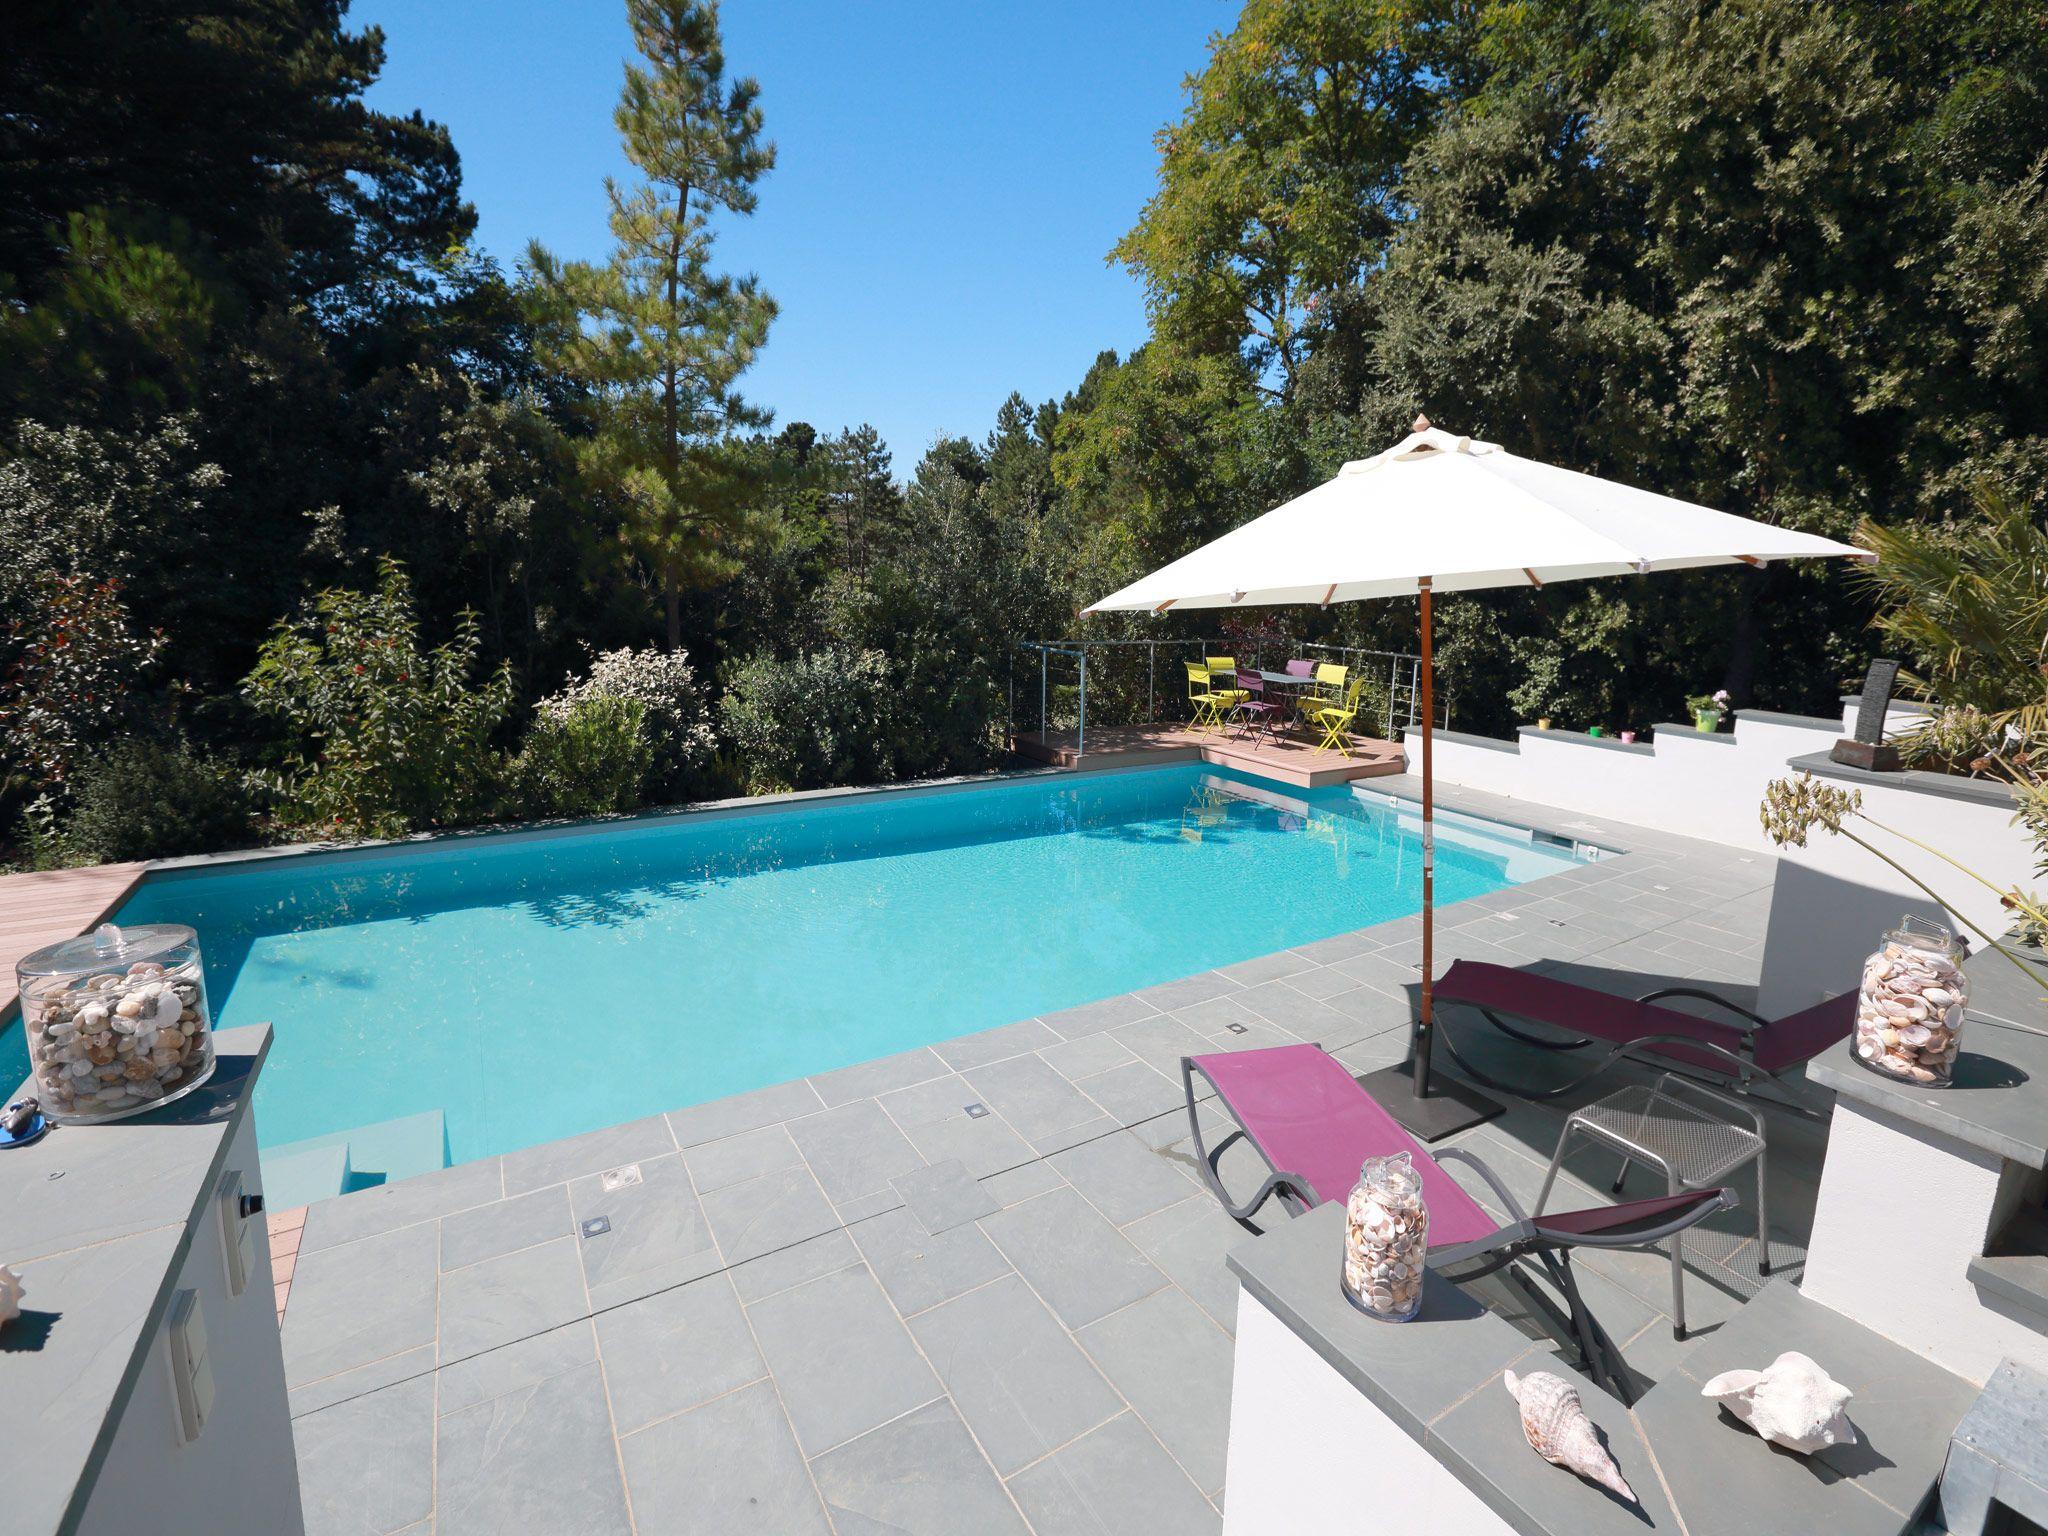 L esprit familiale par l esprit piscine 10 75 x 5 m Revªtement